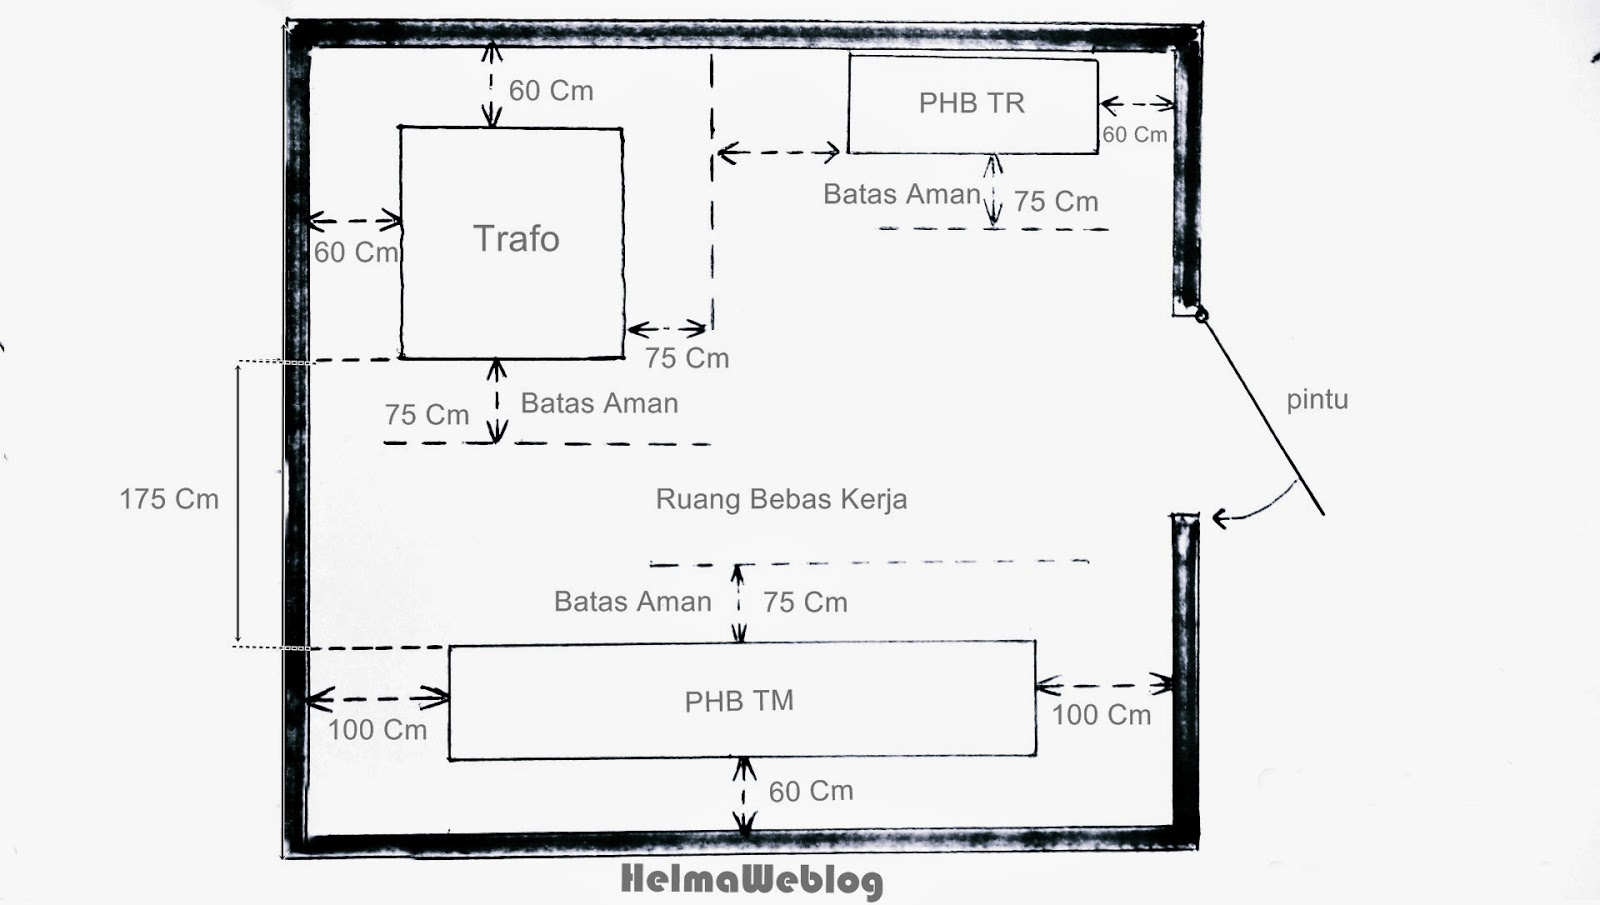 Spesifikasi Gardu Tembok Beton Banjarweb Info